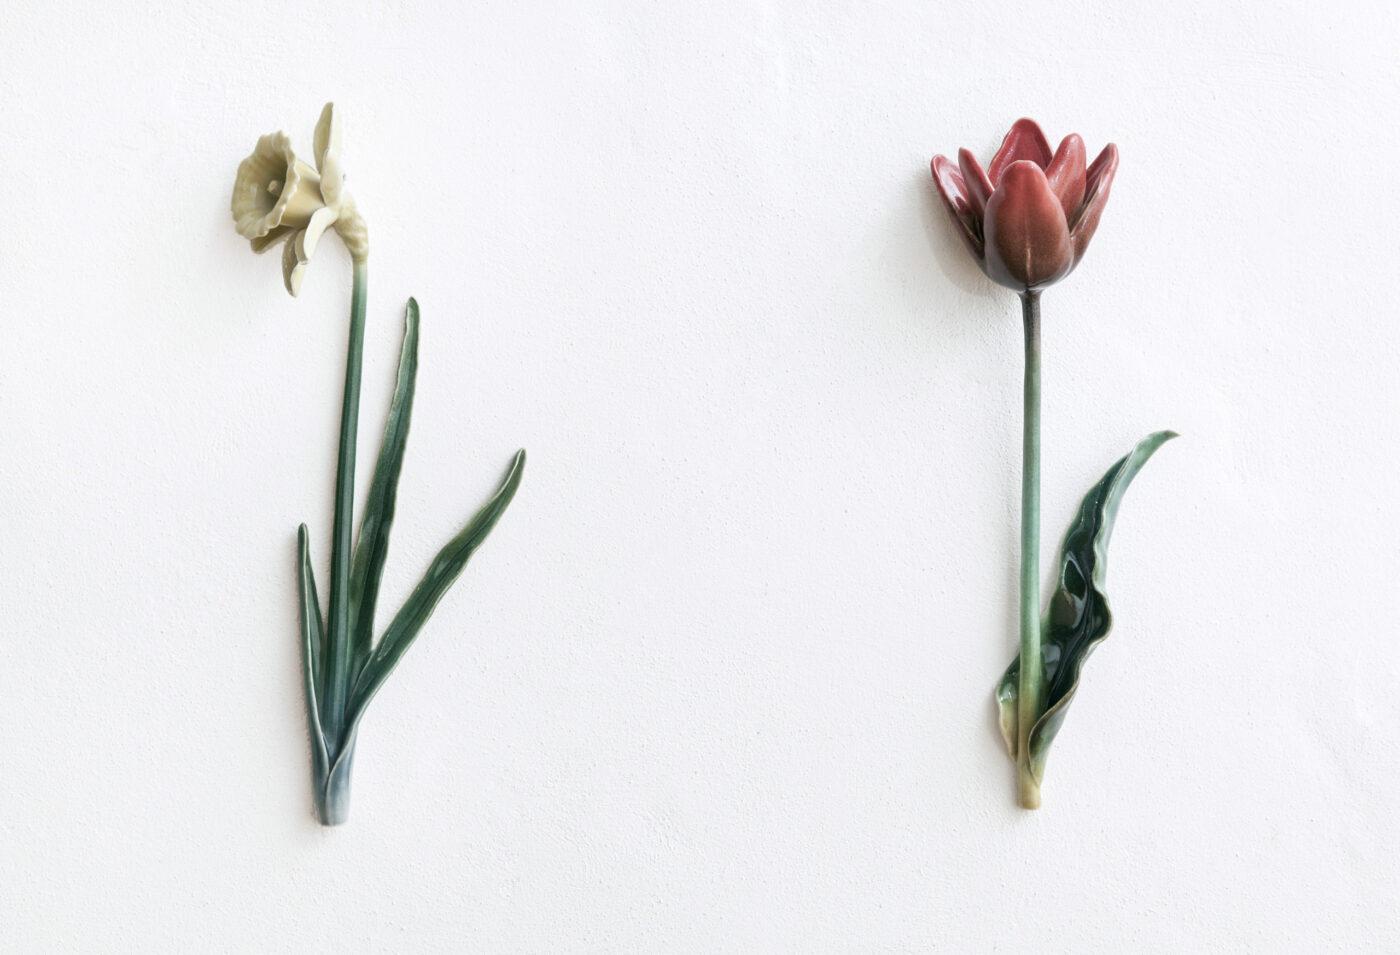 Keramiker Marianne Nielsen - Frås Påskelilje & tulipan, 2013, foto: Ole Akhøj